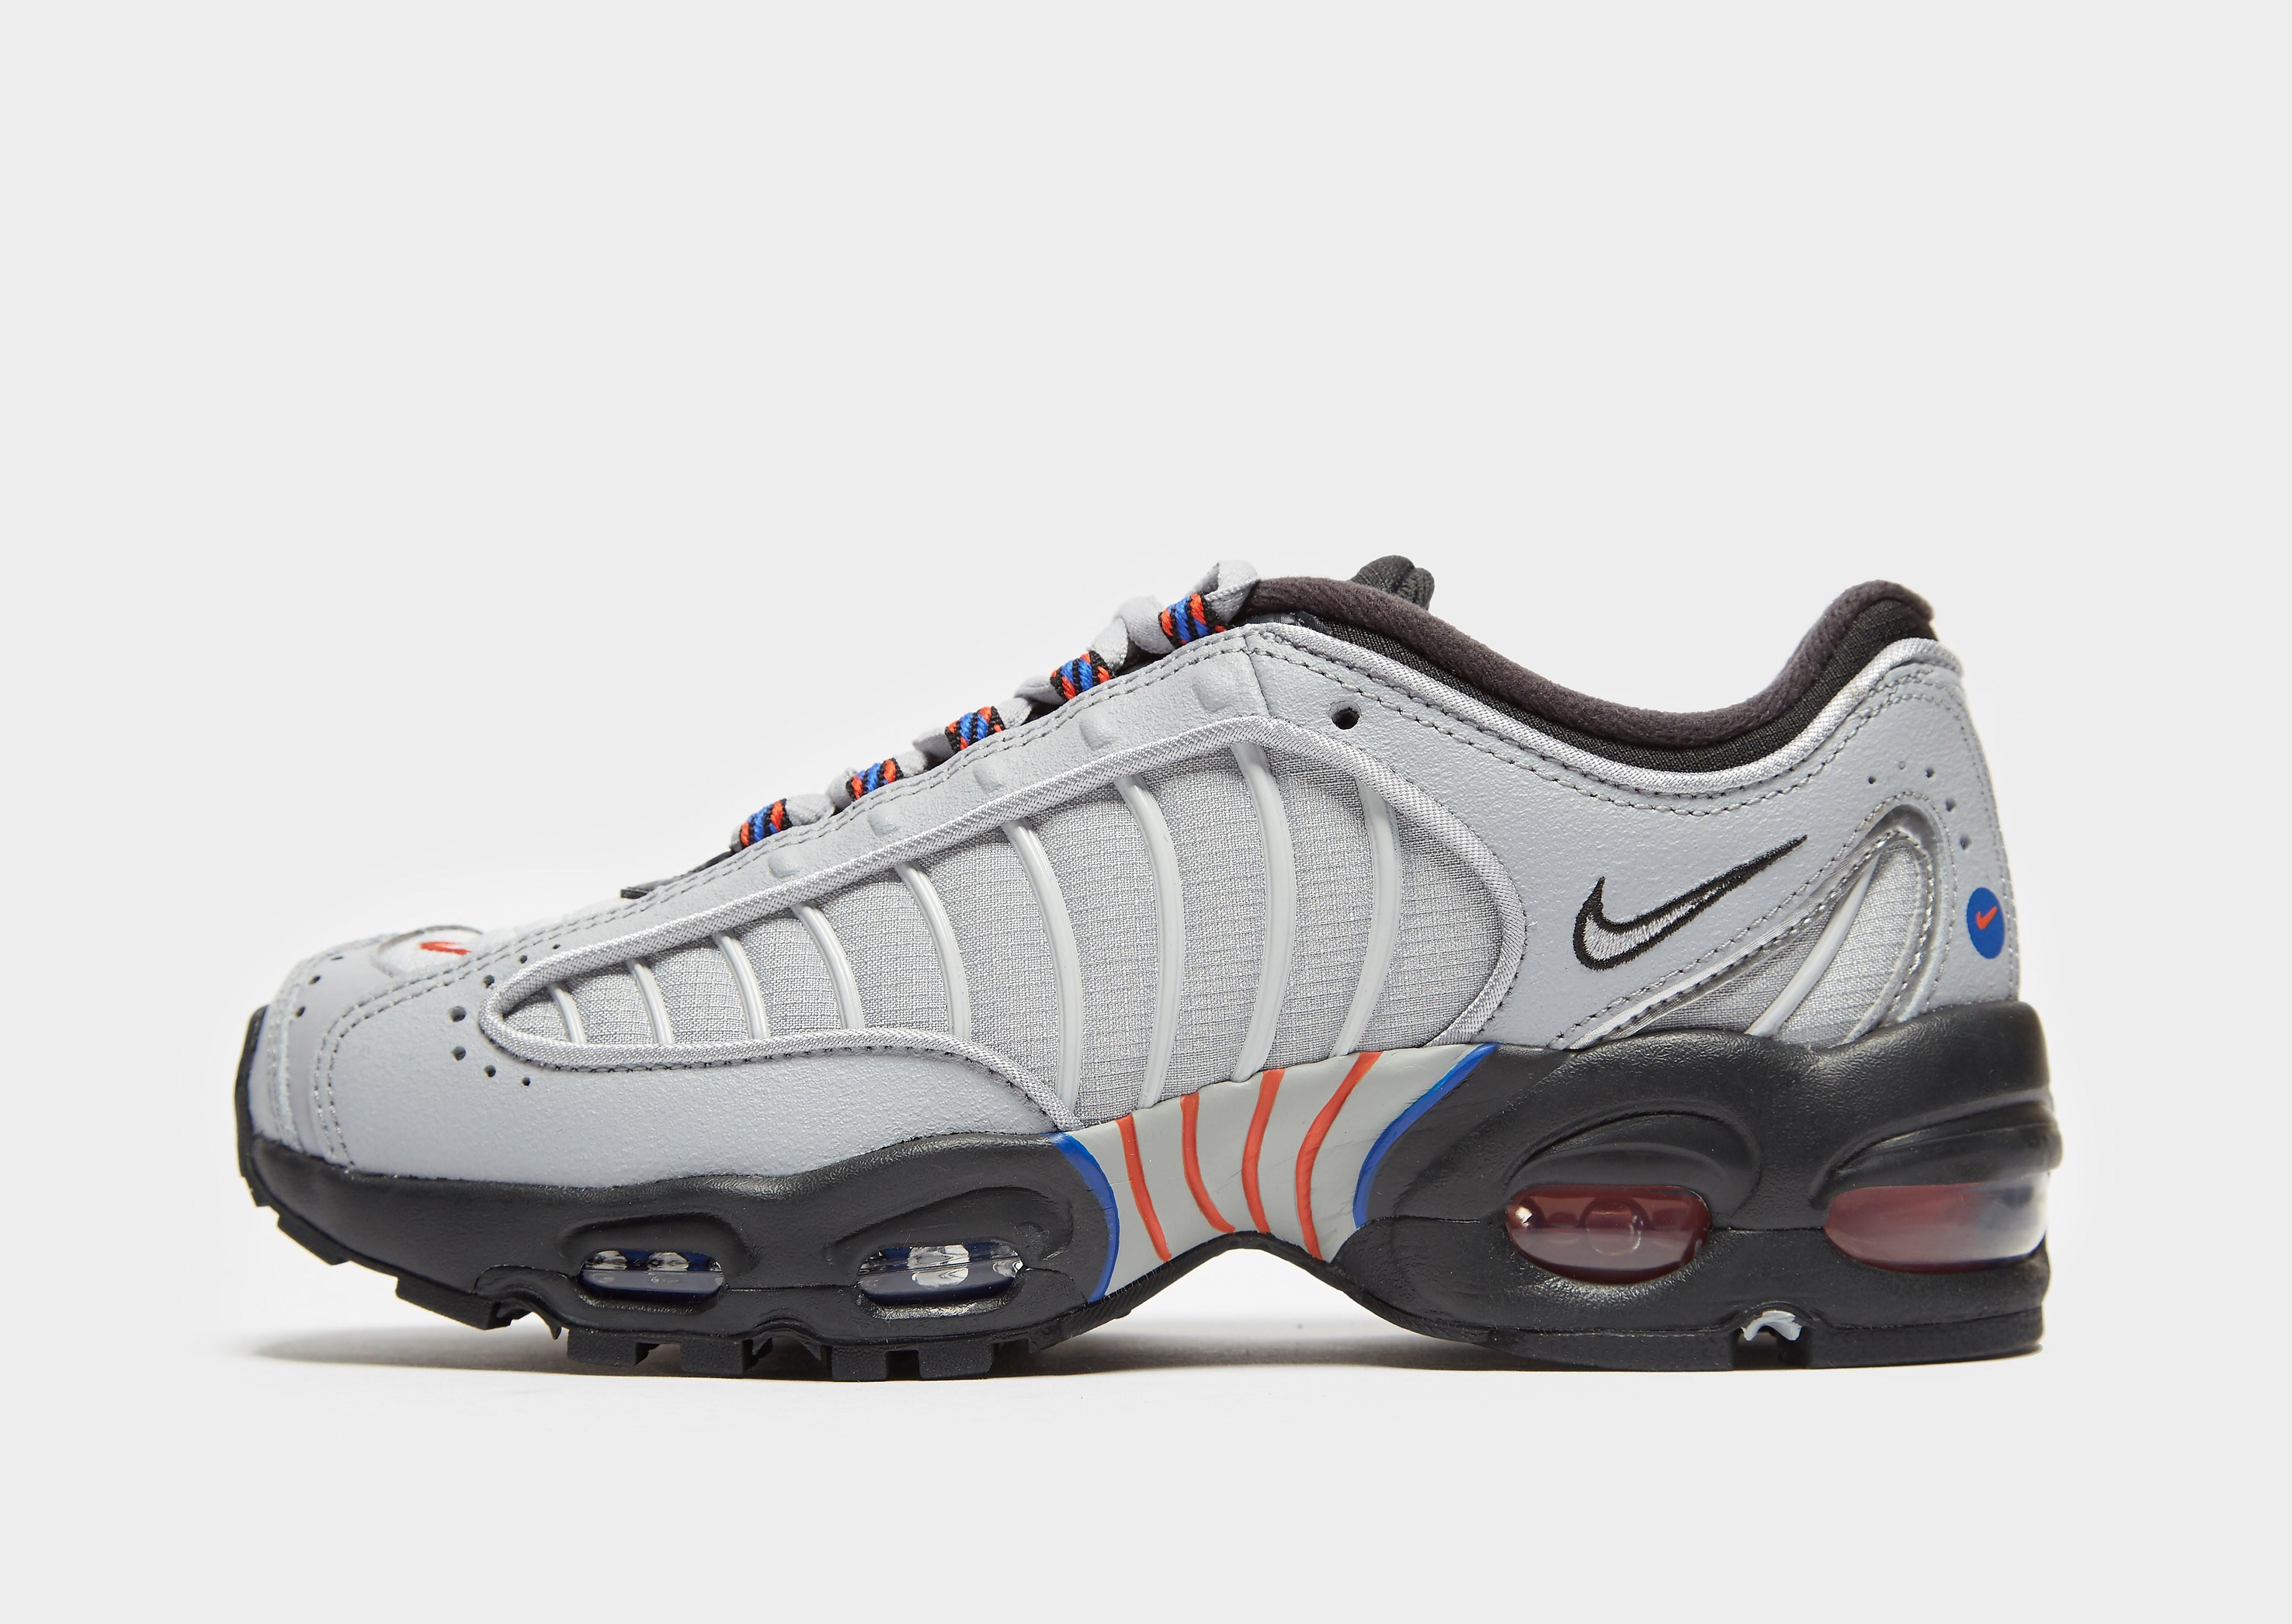 DTH SHOES Zapatillas Nike Adidas Jordan Reebok Y Más 976